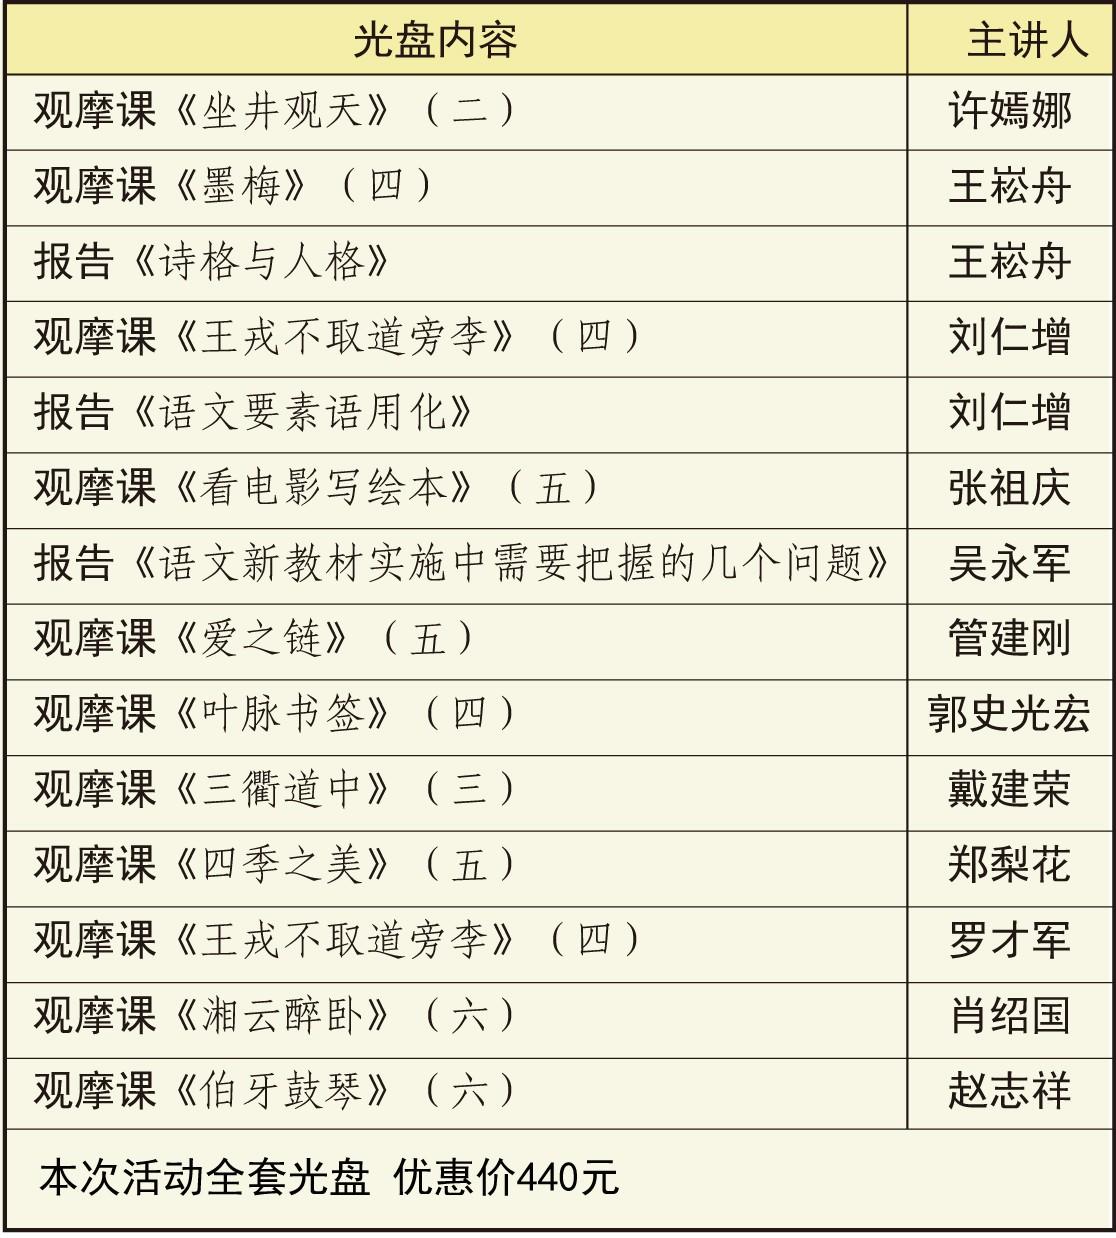 29届泉州语文光盘图.jpg